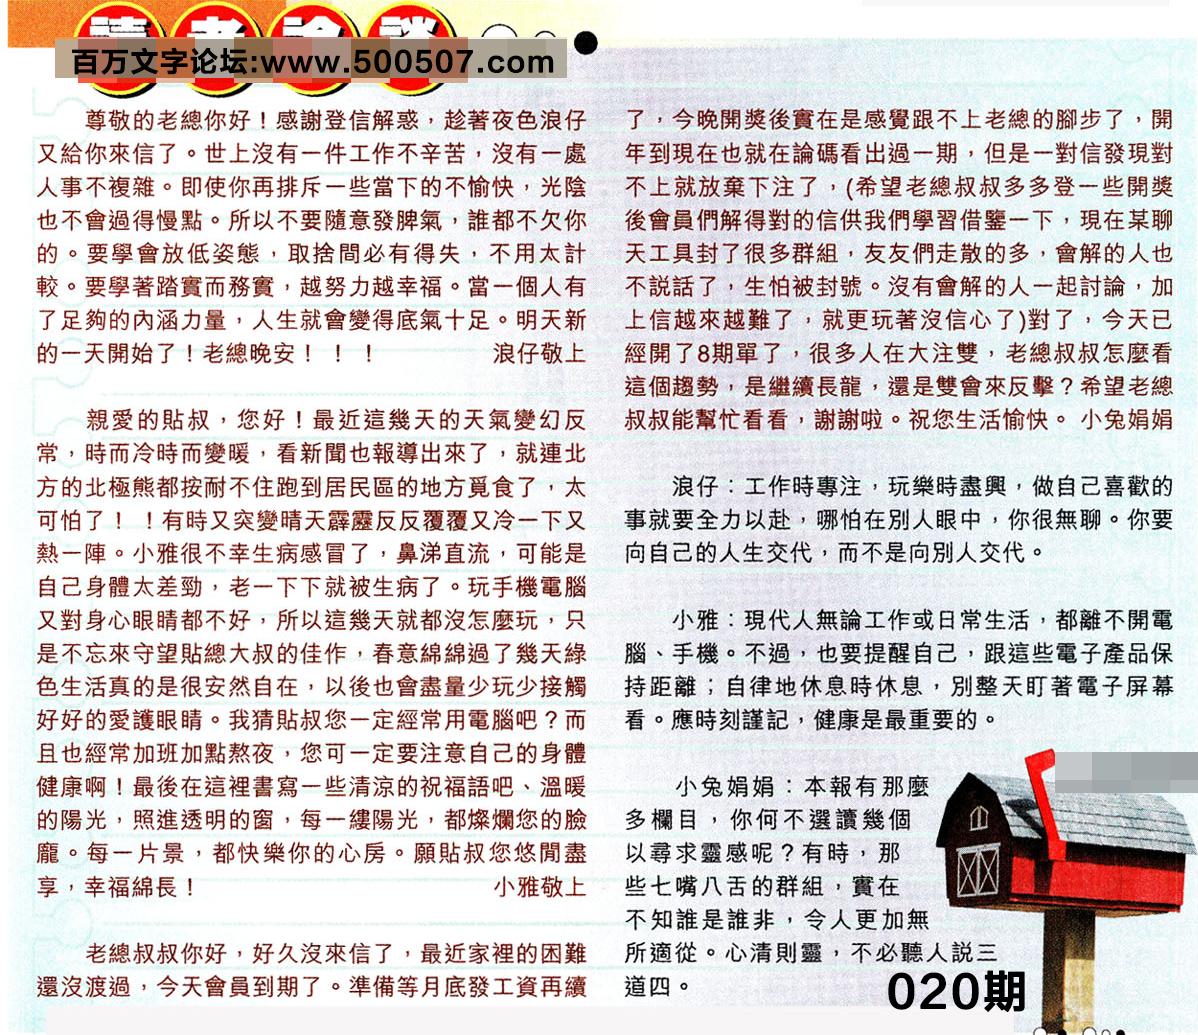 020期:彩民推荐�N信�x者���